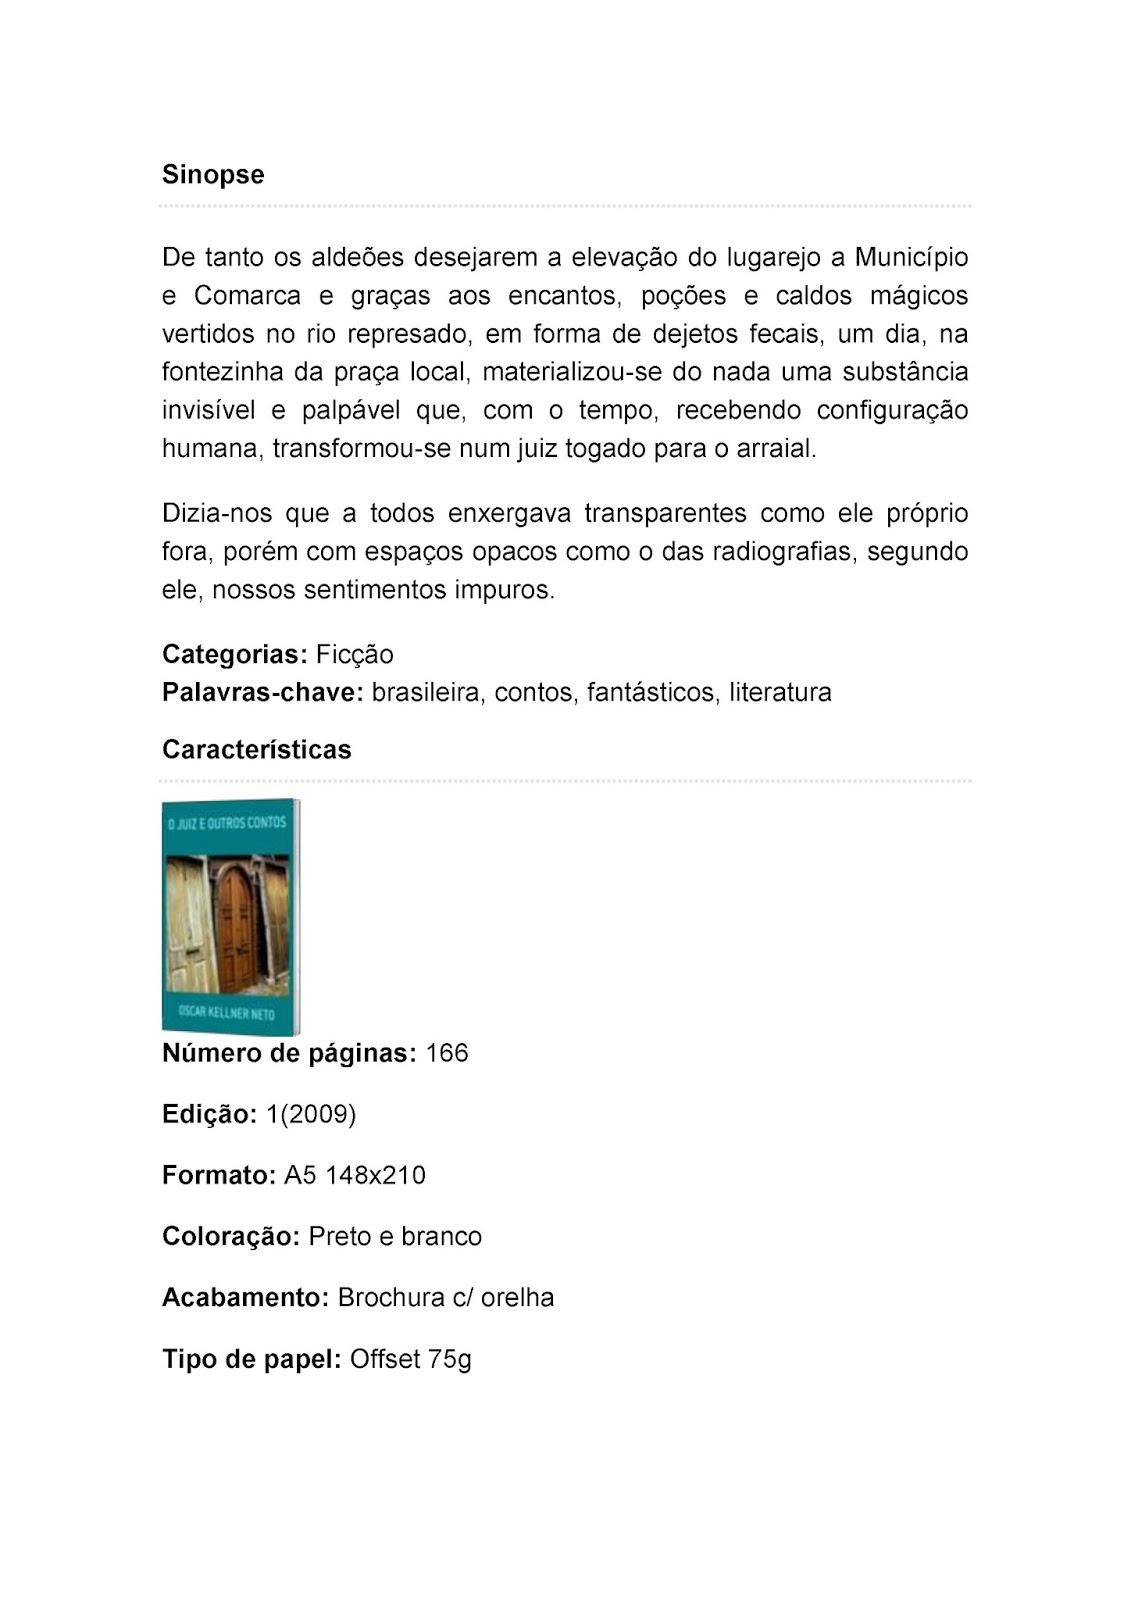 A LITERATURA DE OSCAR KELLNER NETO  O JUIZ E OUTROS CONTOS 81fe4d1cfe